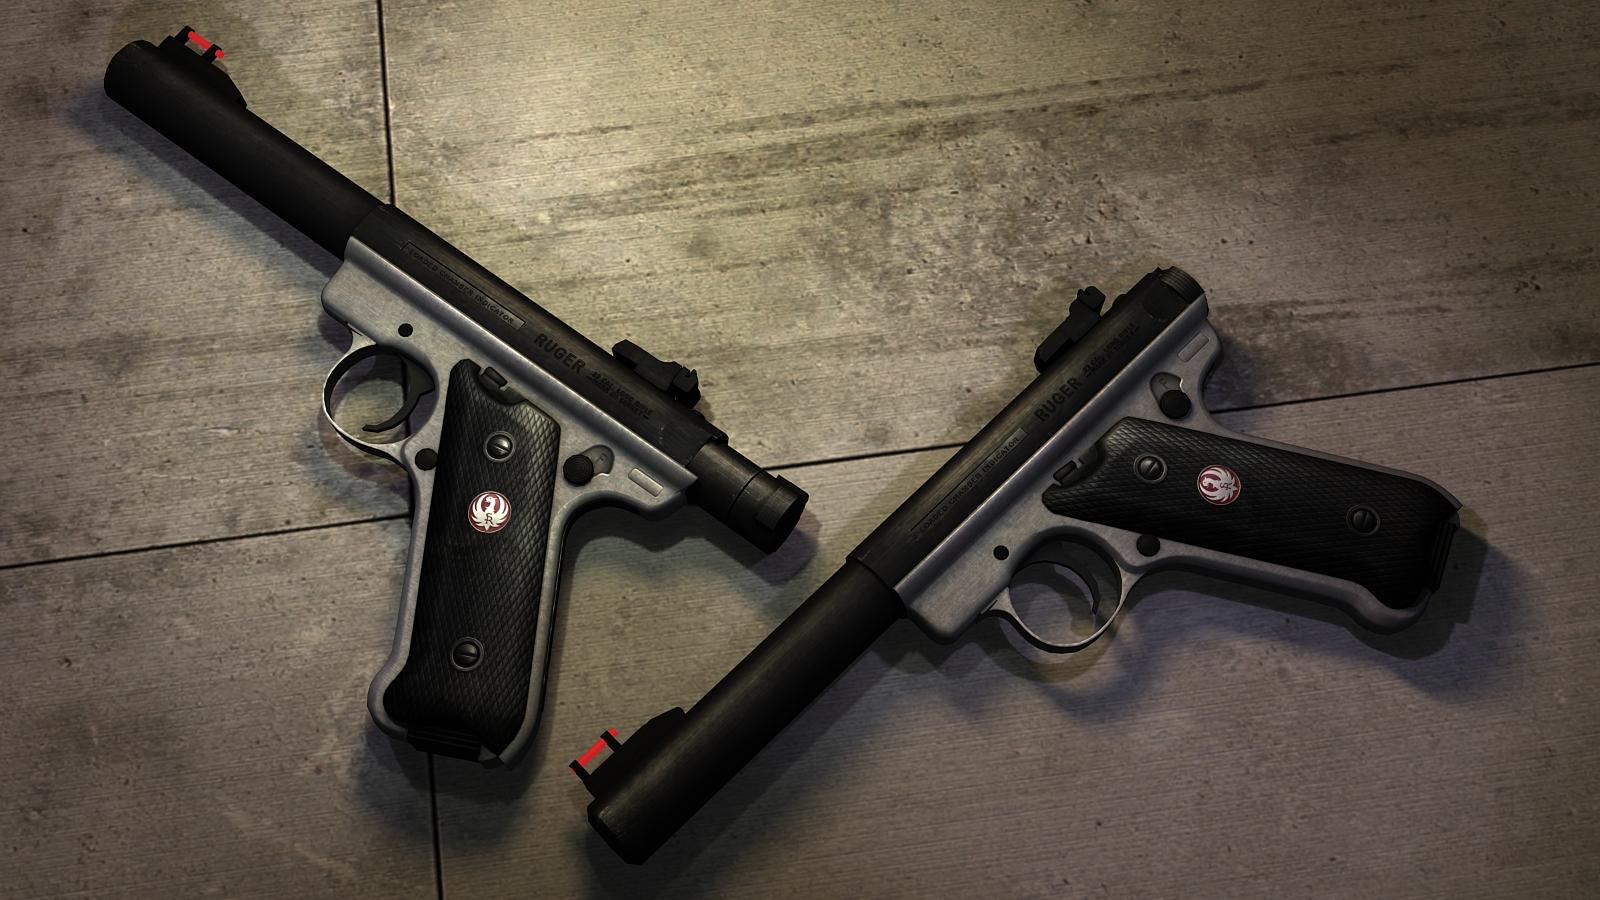 Pistola Ruger Mark III [Imagenes]